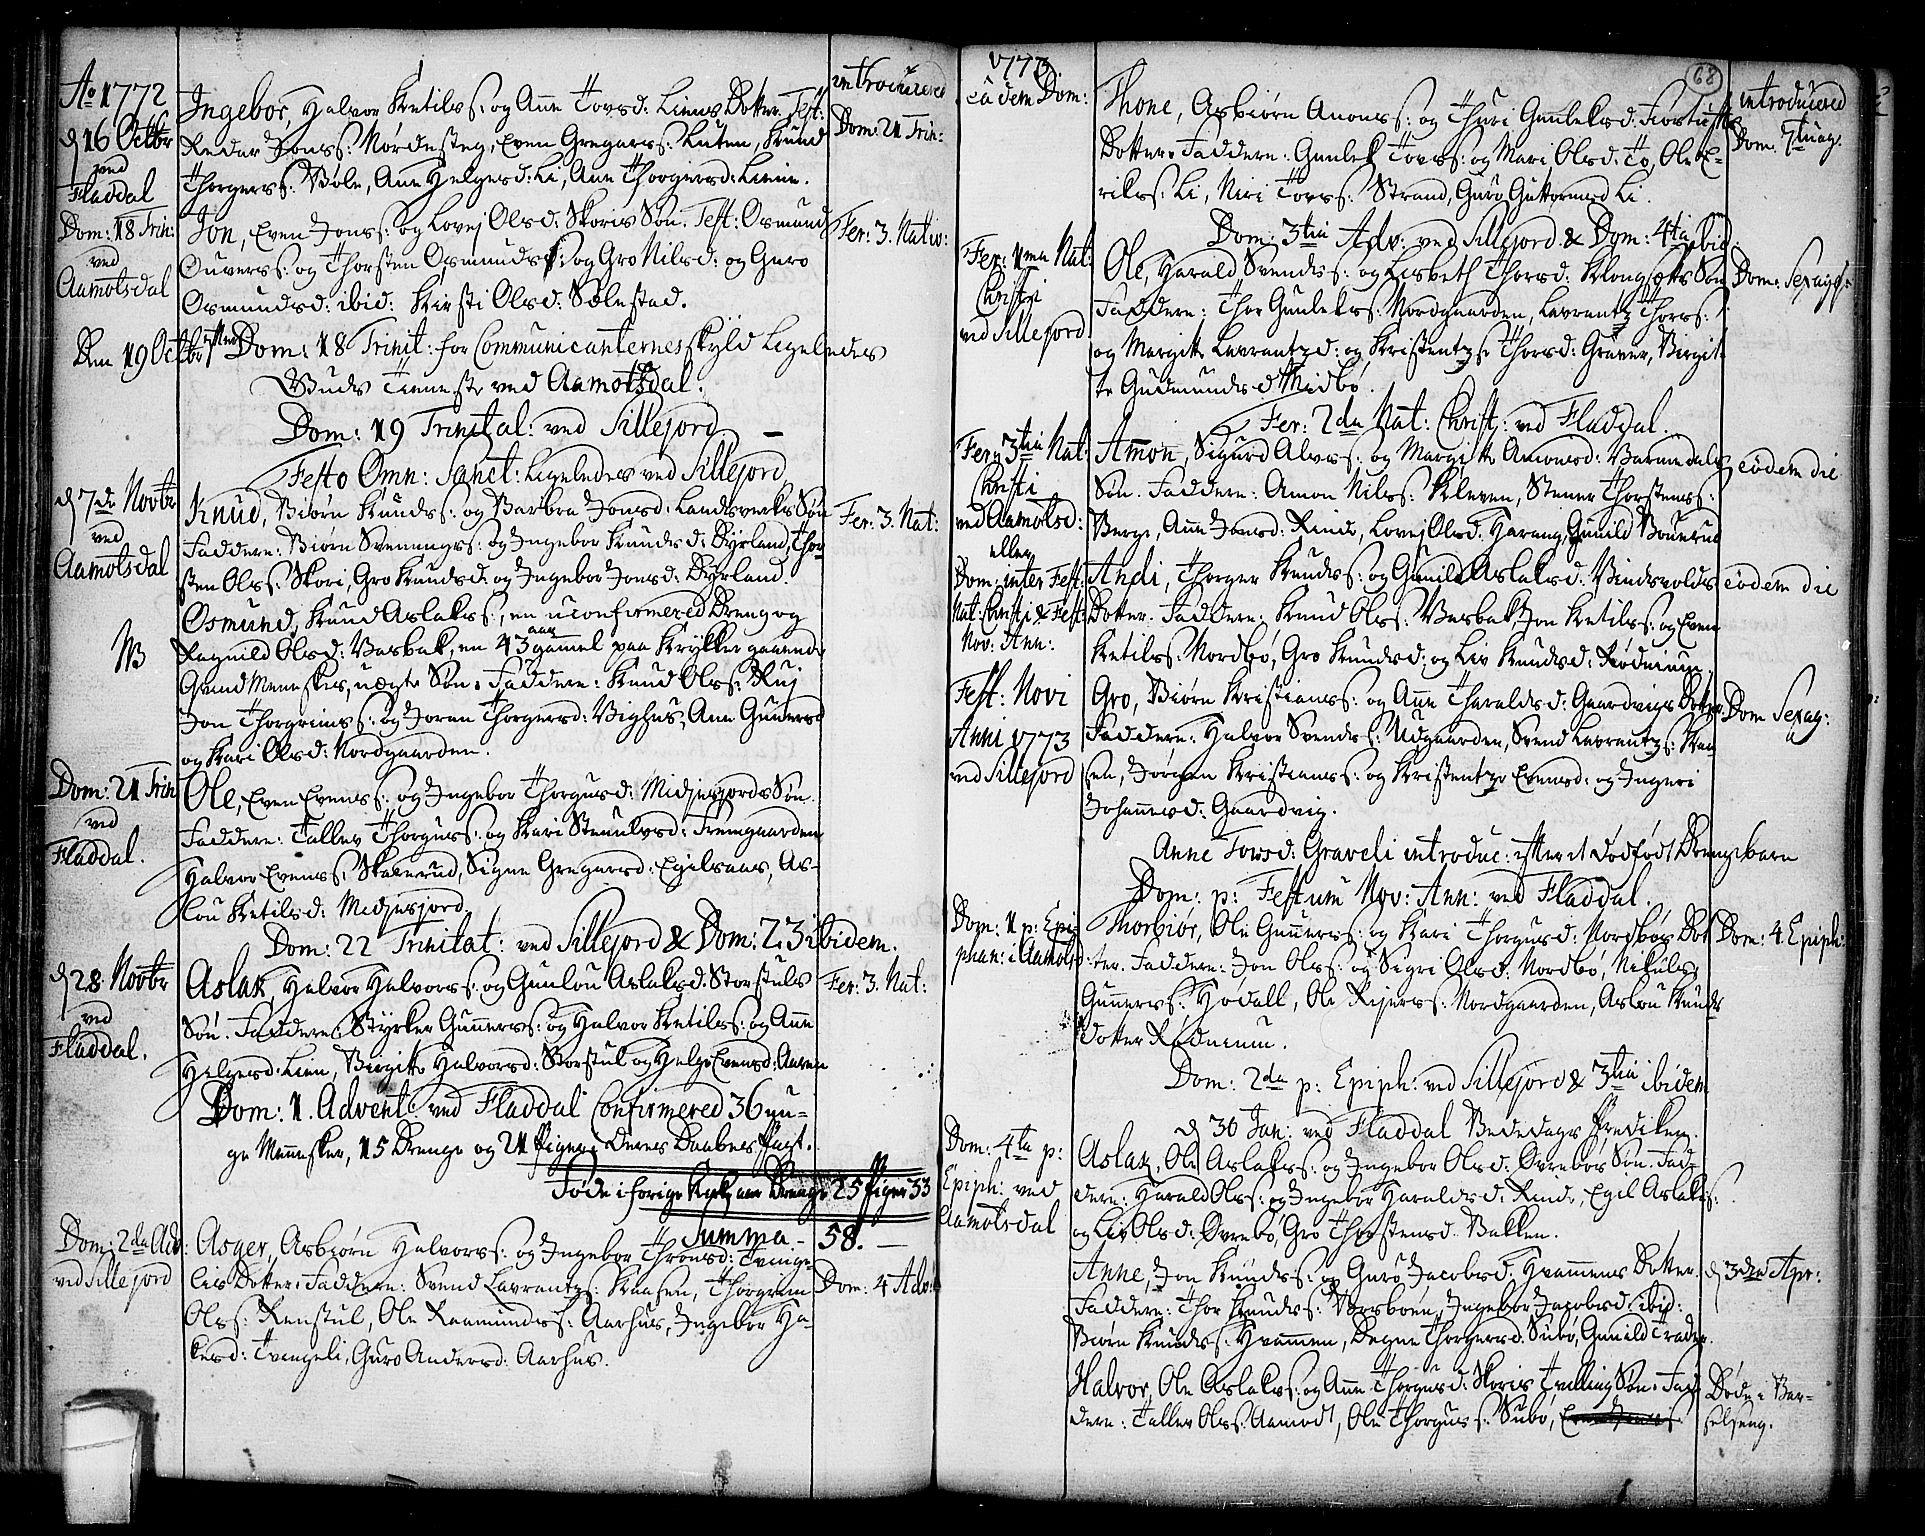 SAKO, Seljord kirkebøker, F/Fa/L0007: Ministerialbok nr. I 7, 1755-1800, s. 68